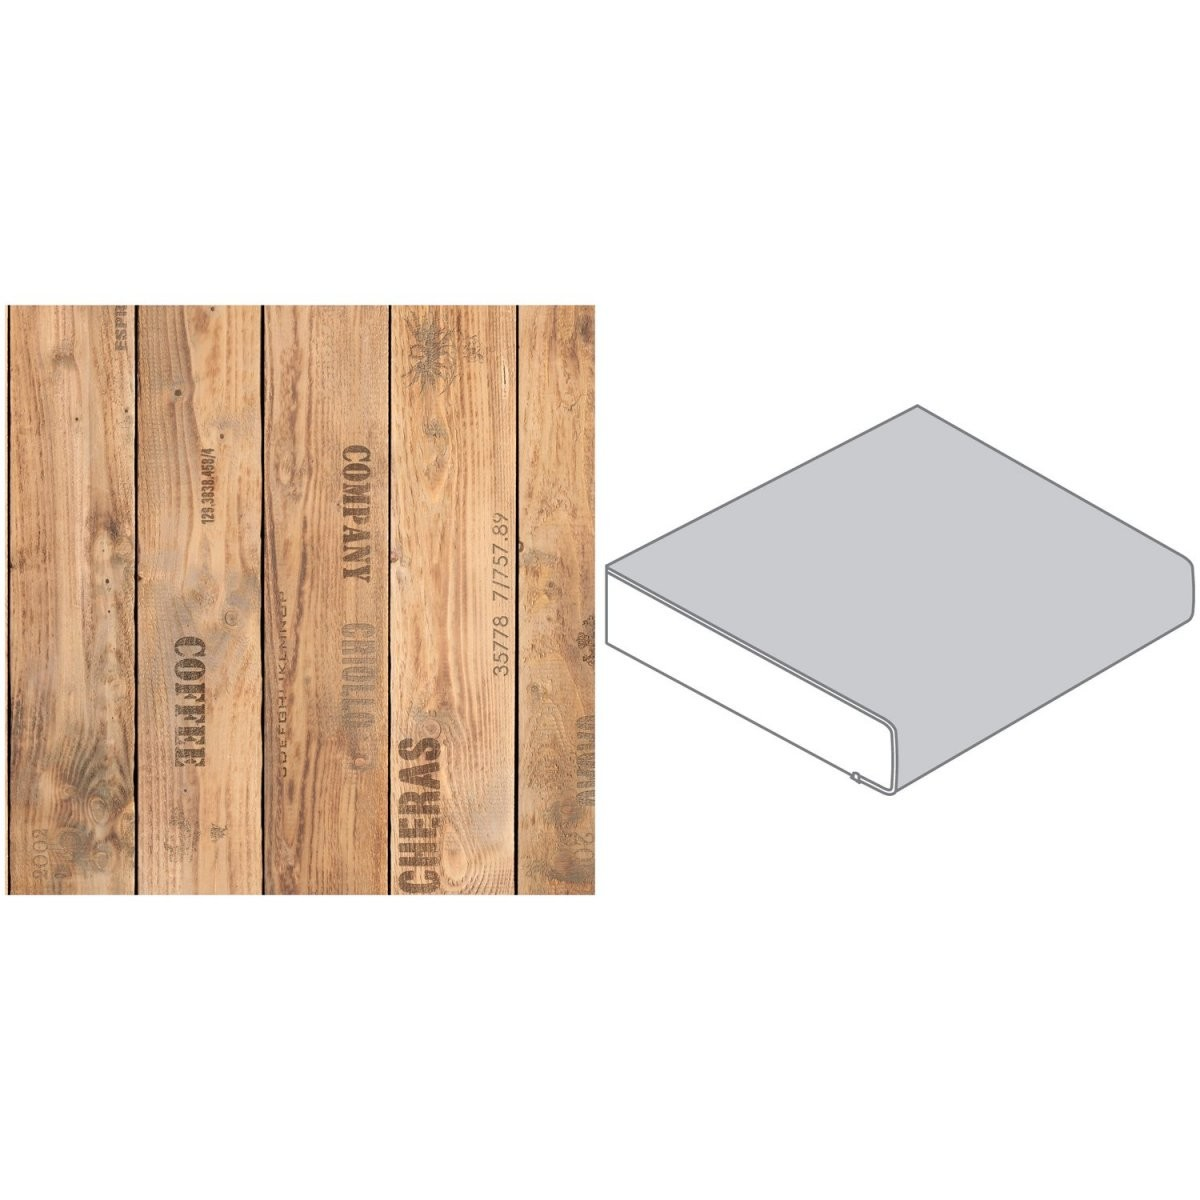 Arbeitsplatte 60 Cm X 39 Cm Holzkiste Holznachbildung (Fi 420 von Küchenarbeitsplatte 70 Cm Breit Bild